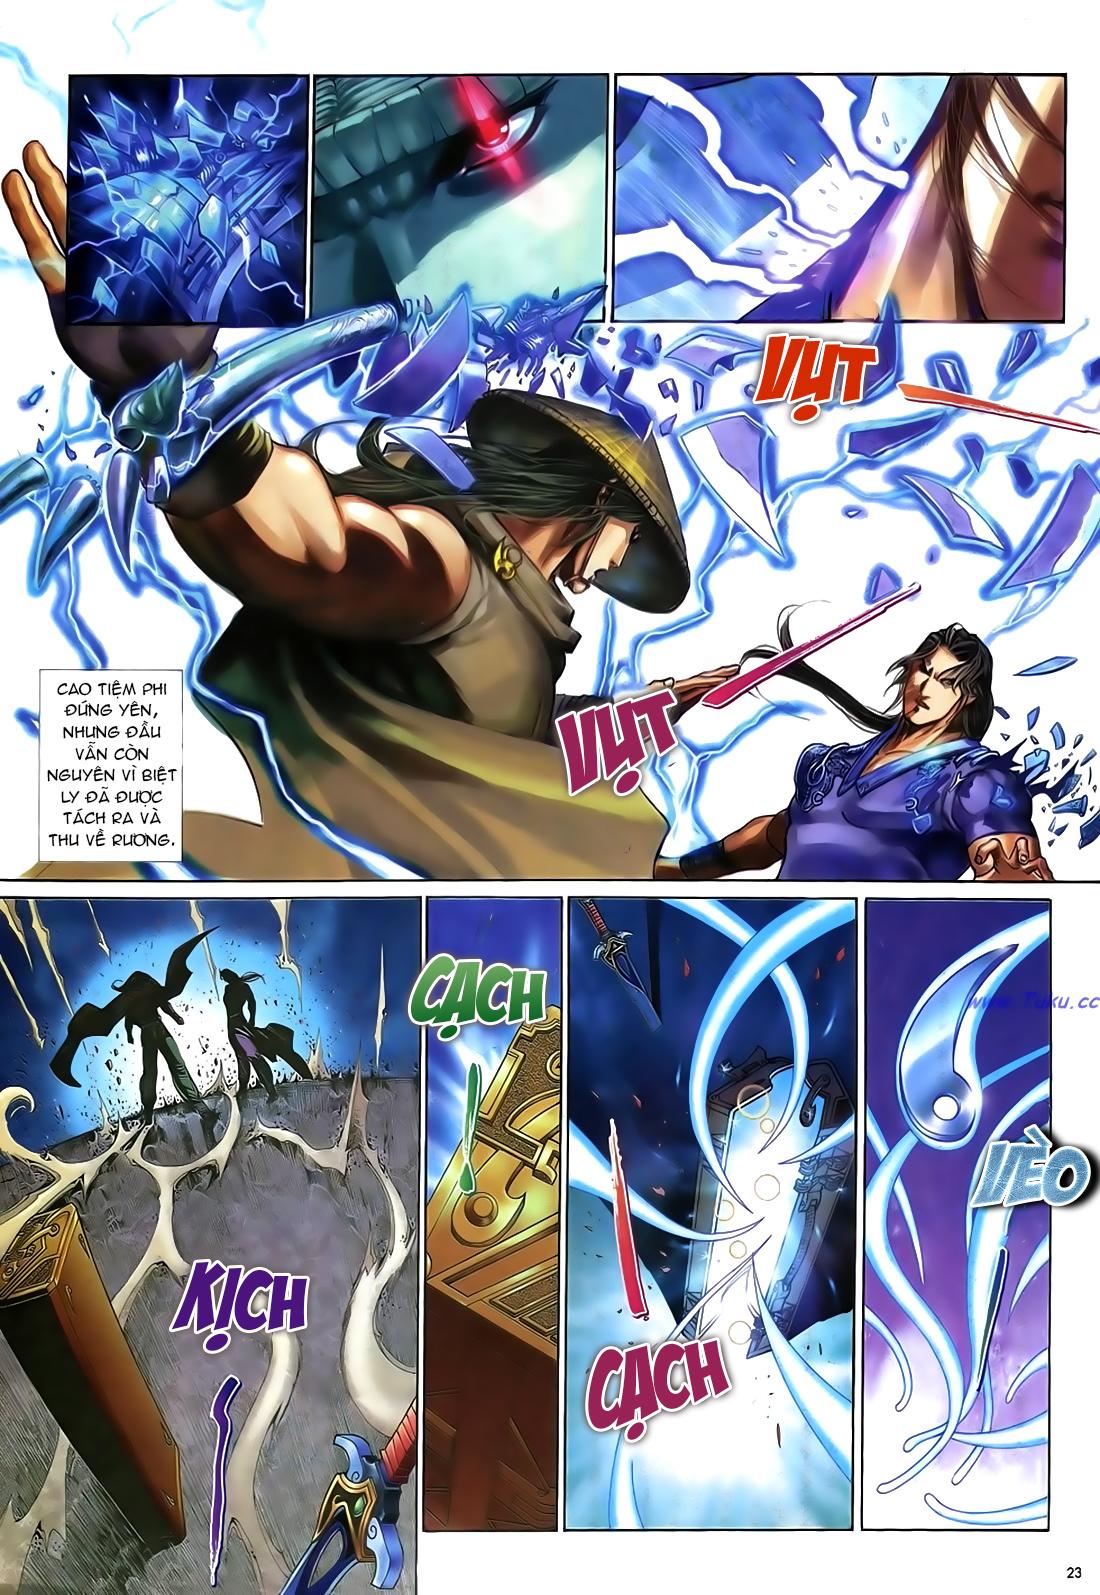 Anh hùng vô lệ Chap 21 trang 24